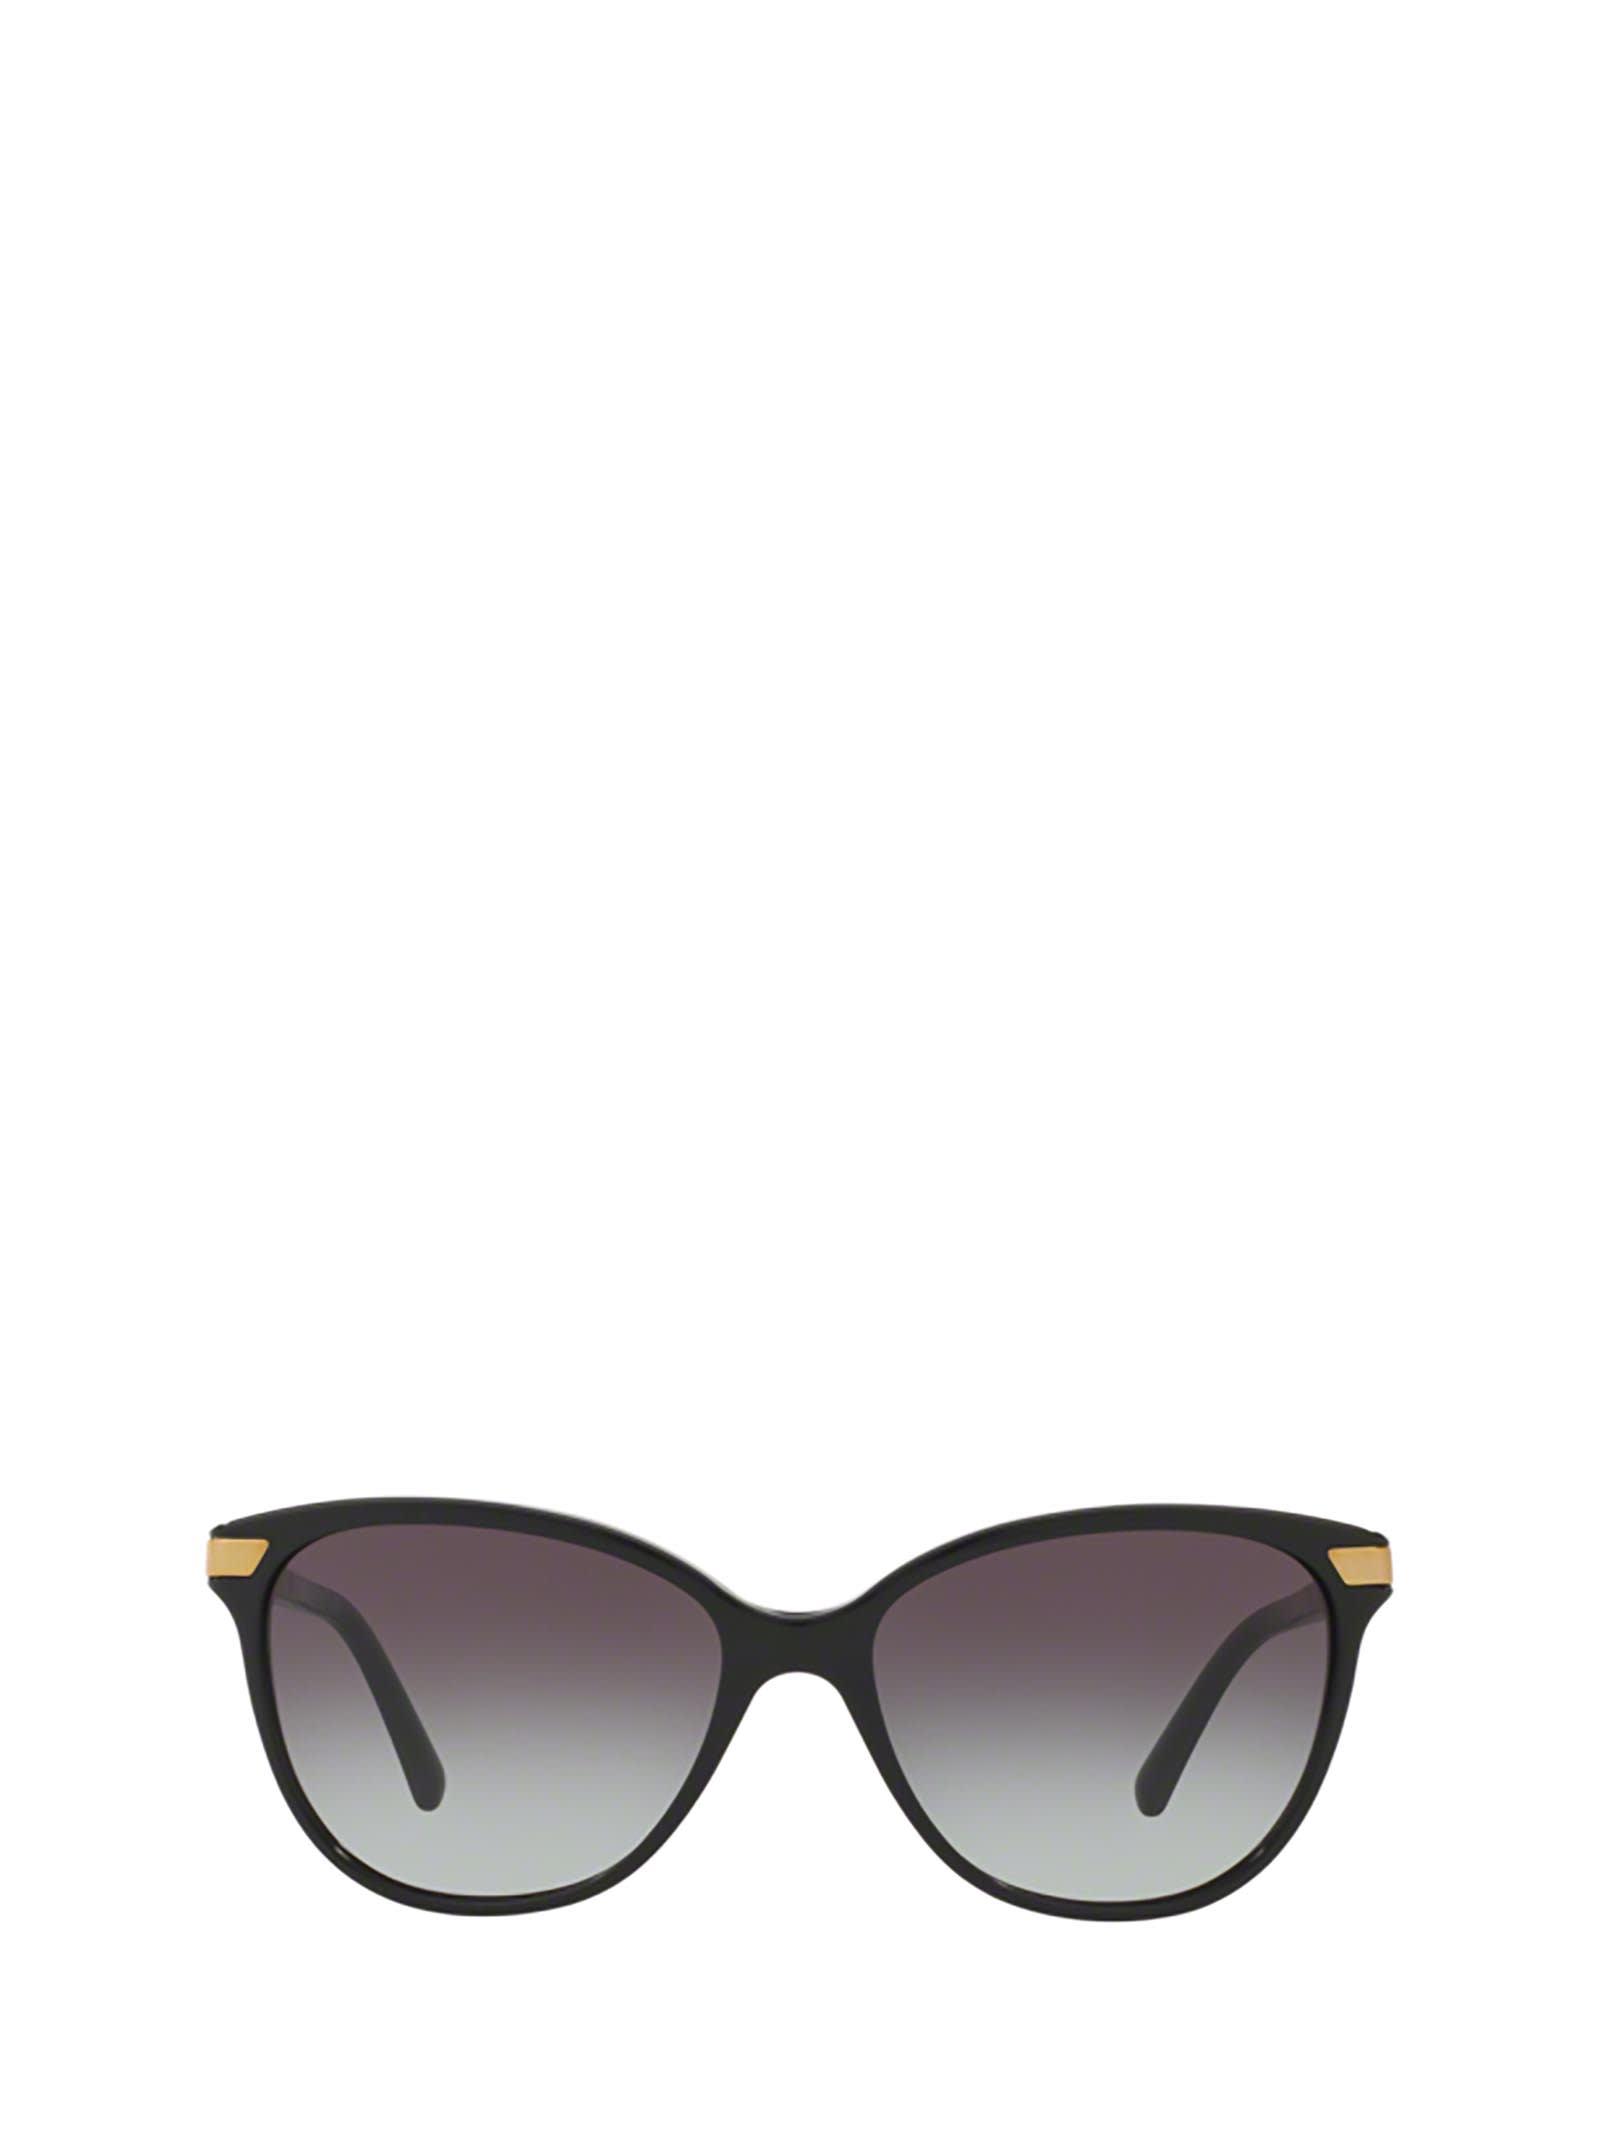 Burberry Burberry Be4216 Black Sunglasses